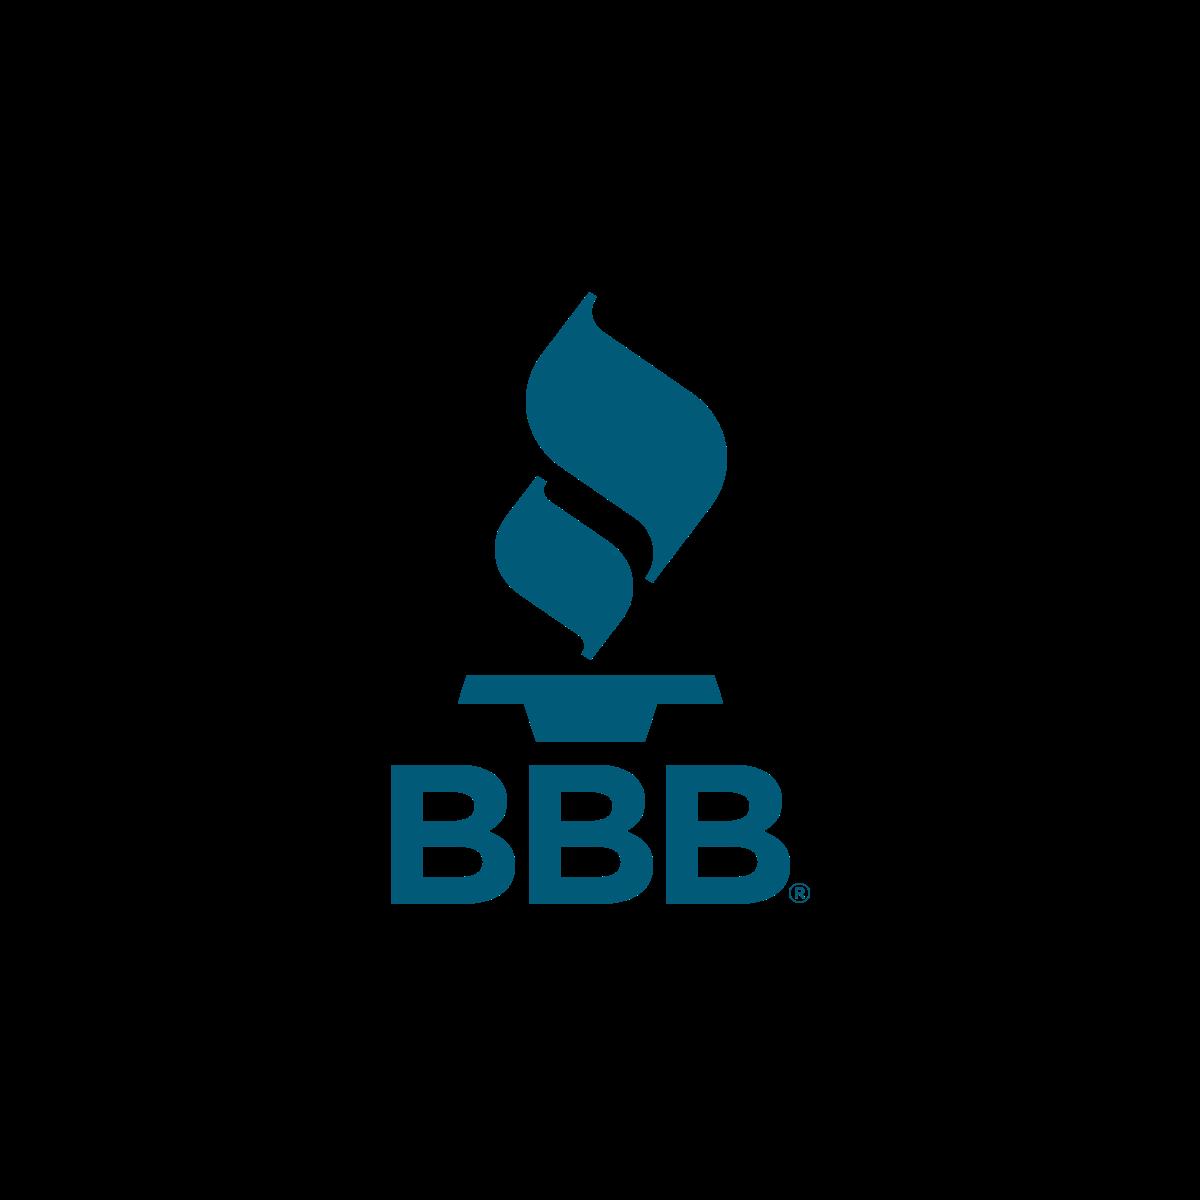 bbb-reviews